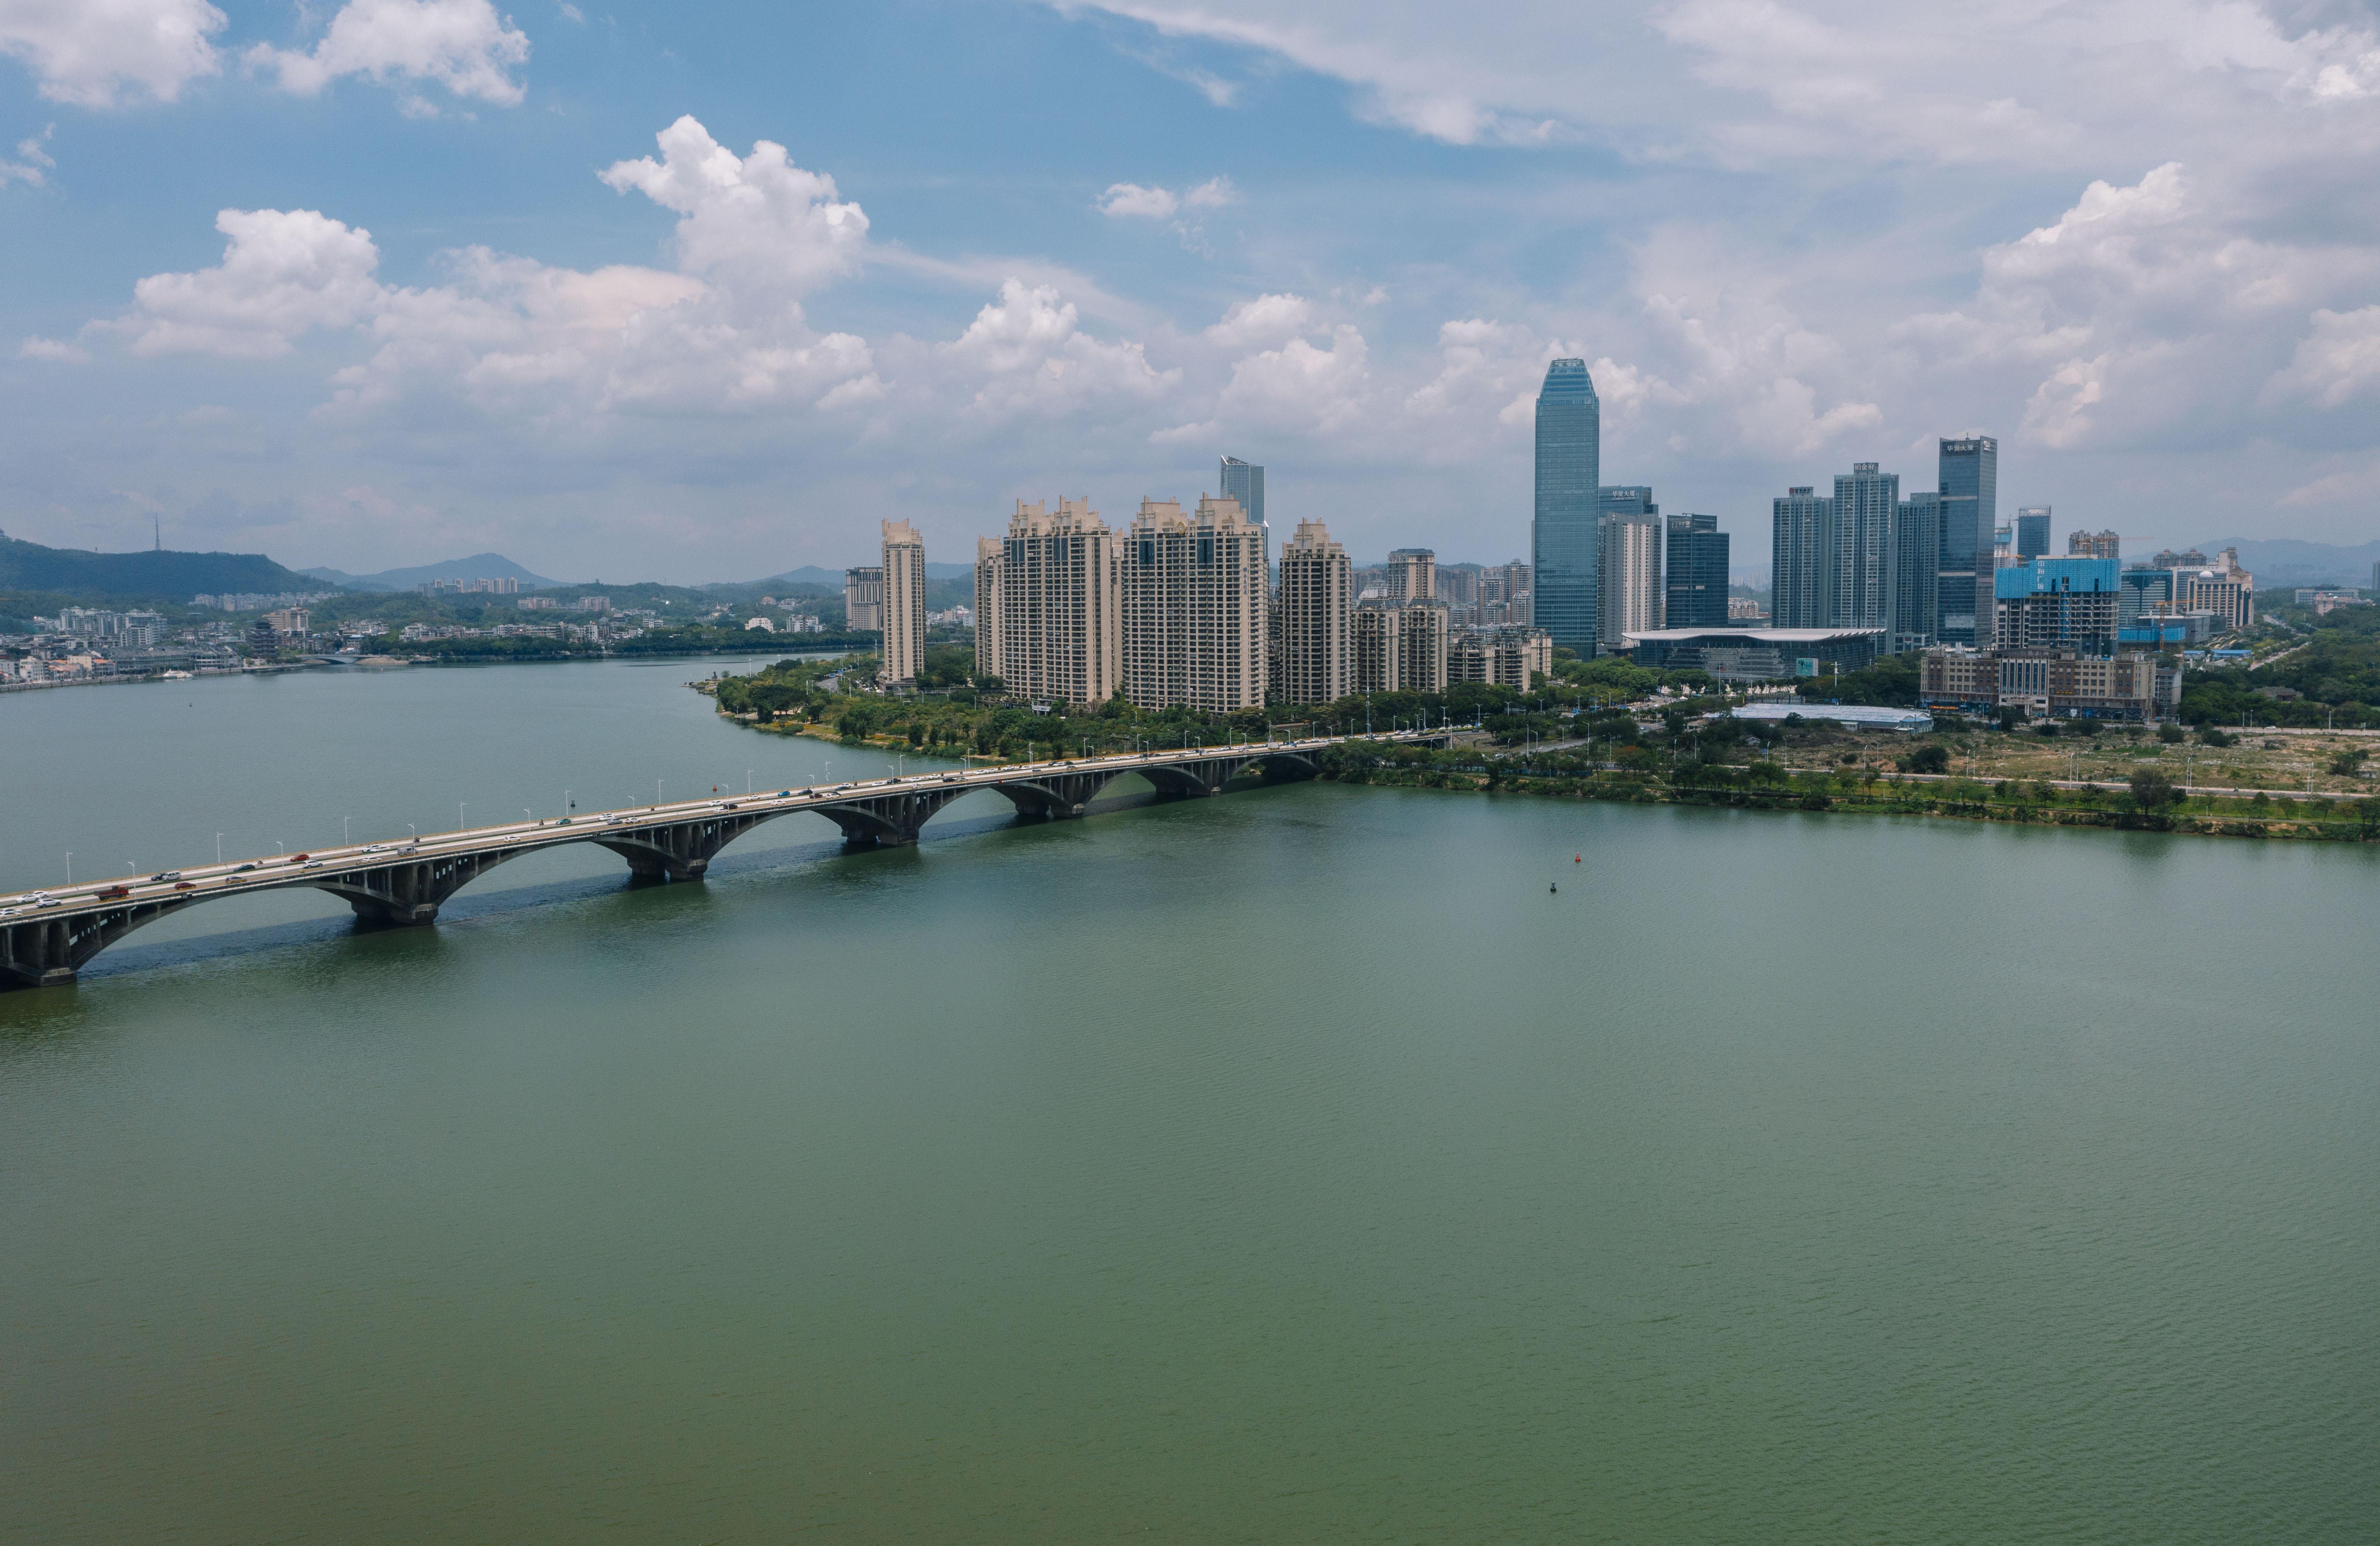 惠州市总人口_重磅!惠州之家将打造国内一流城市!2035年常住人口850万!